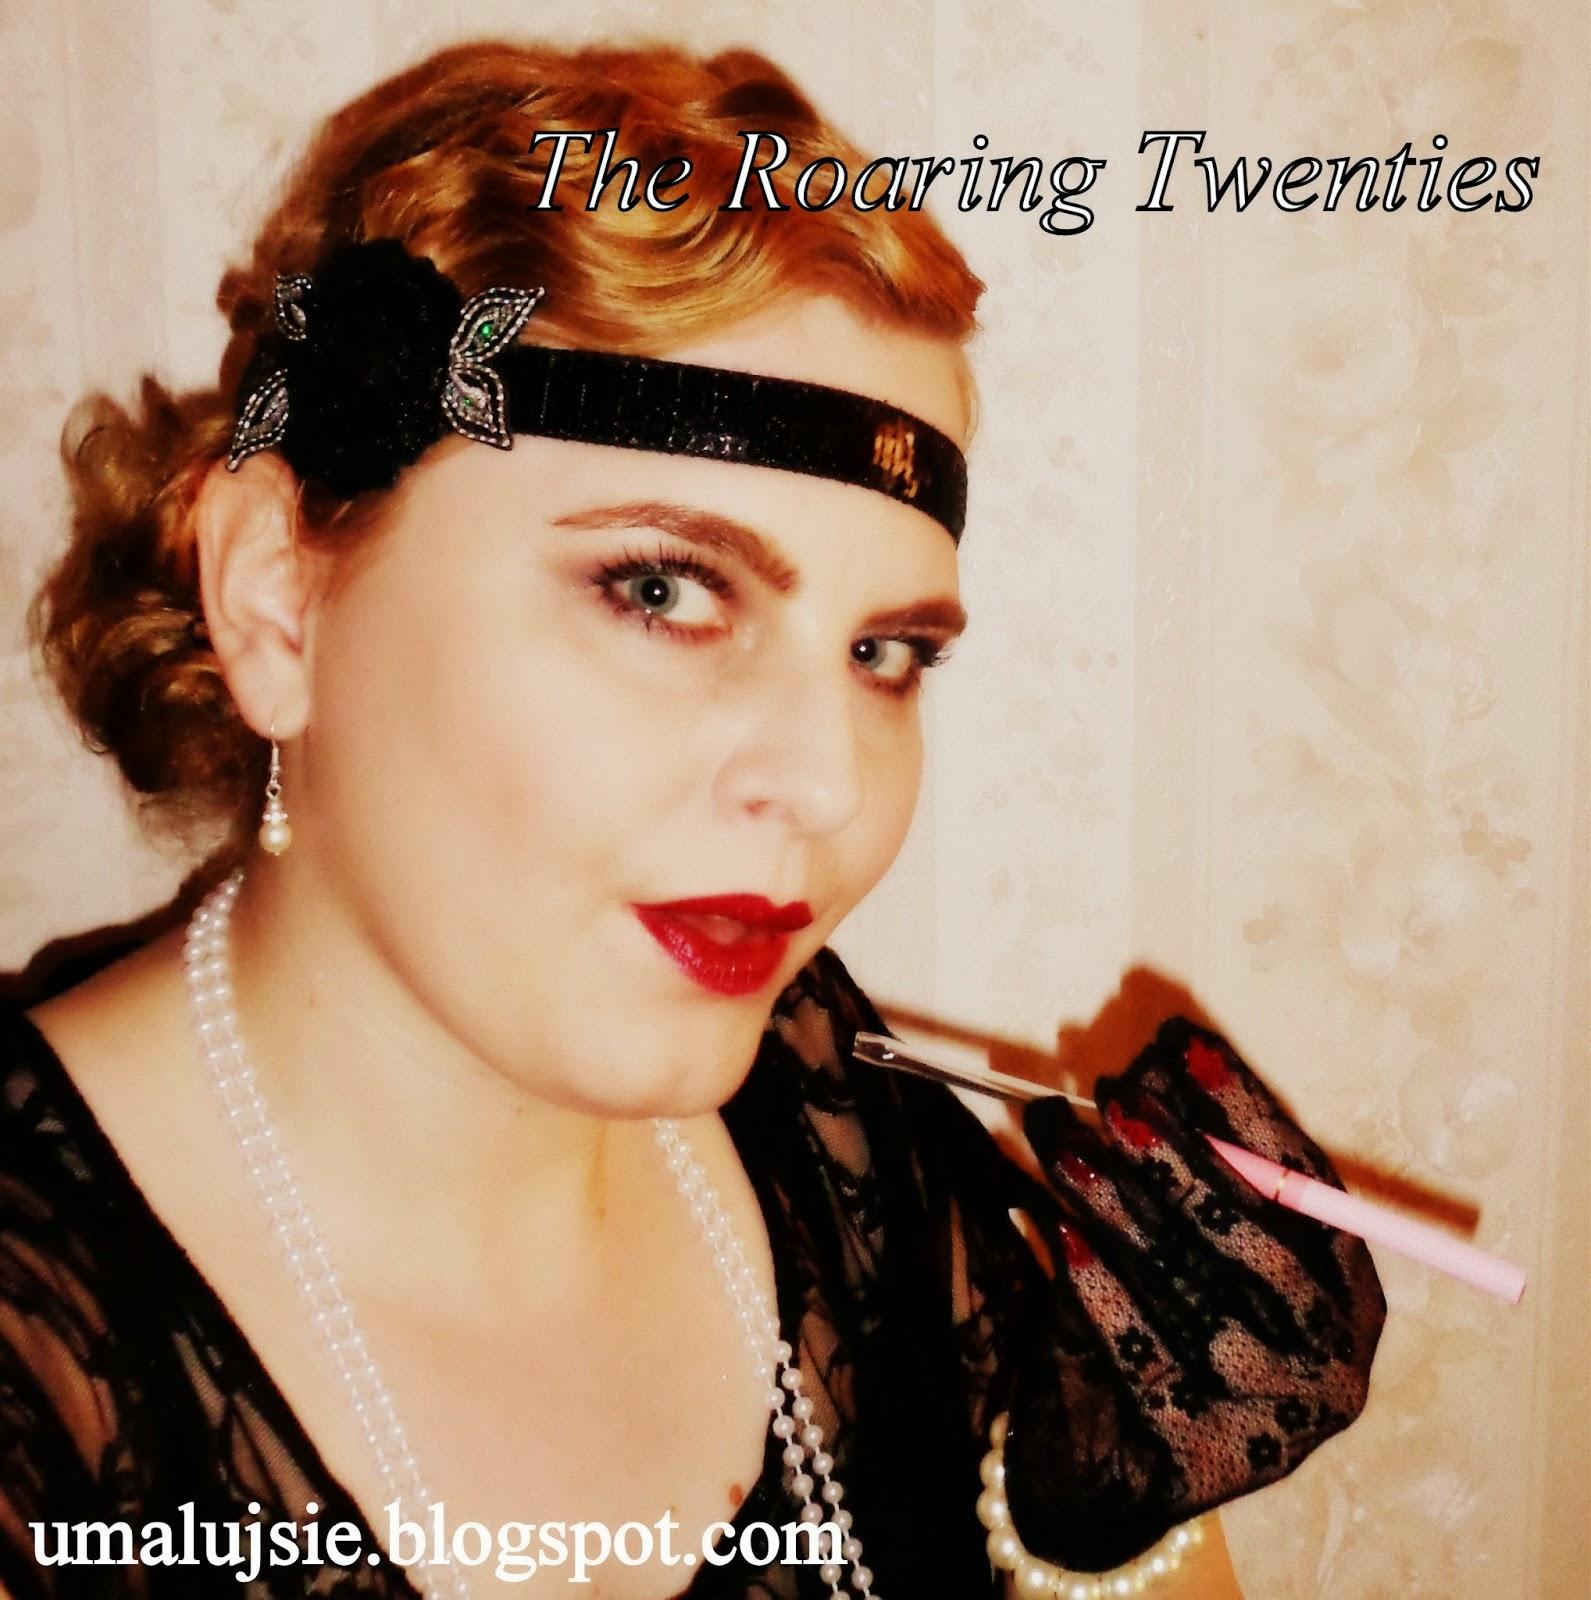 Makijaż The Roaring Twenties Czyli Lata Dwudzieste Lata